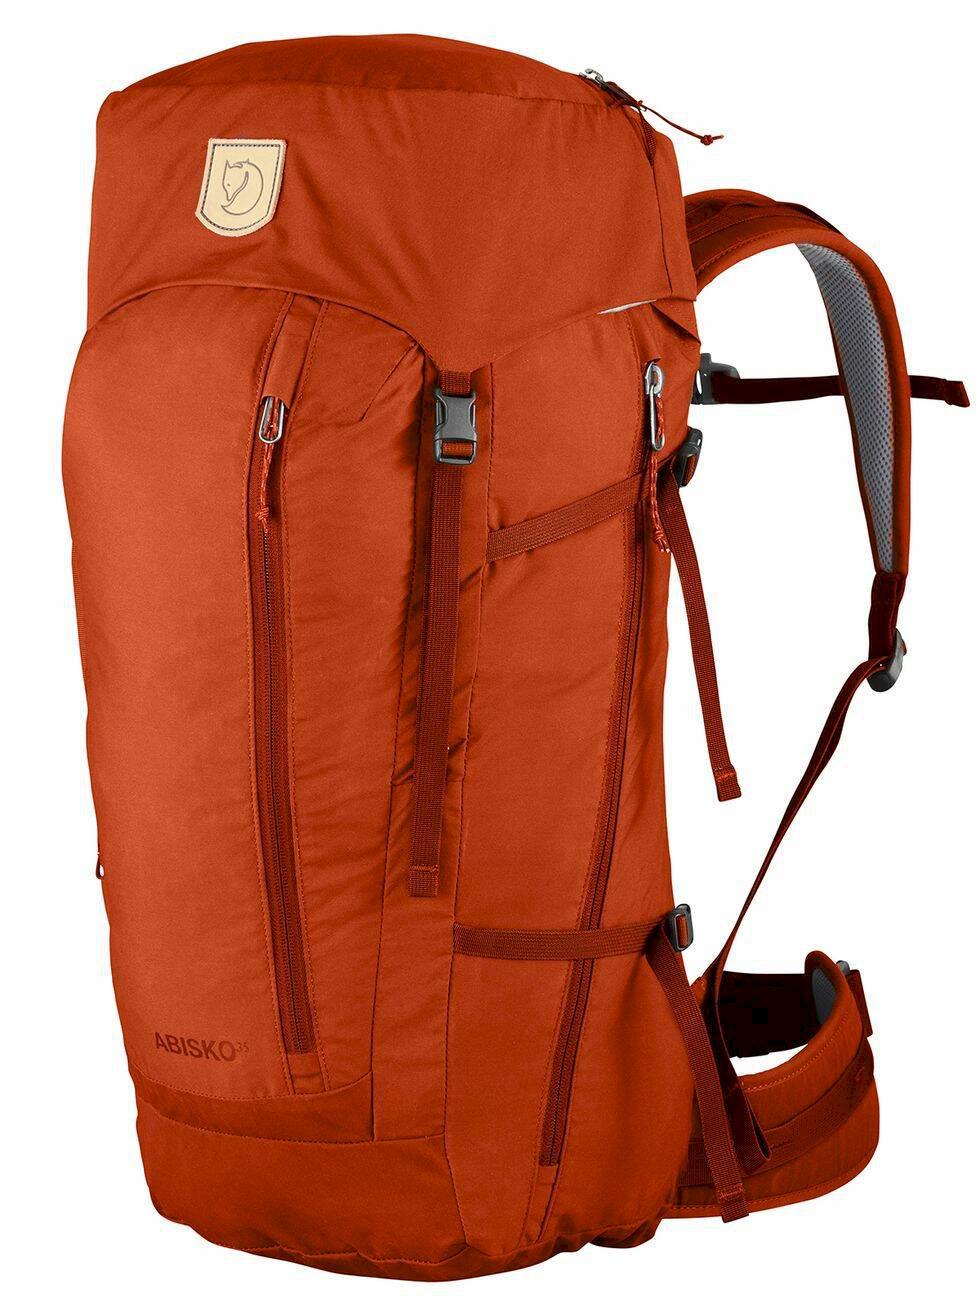 12 bästa ryggsäckarna för vandring och dagsturer